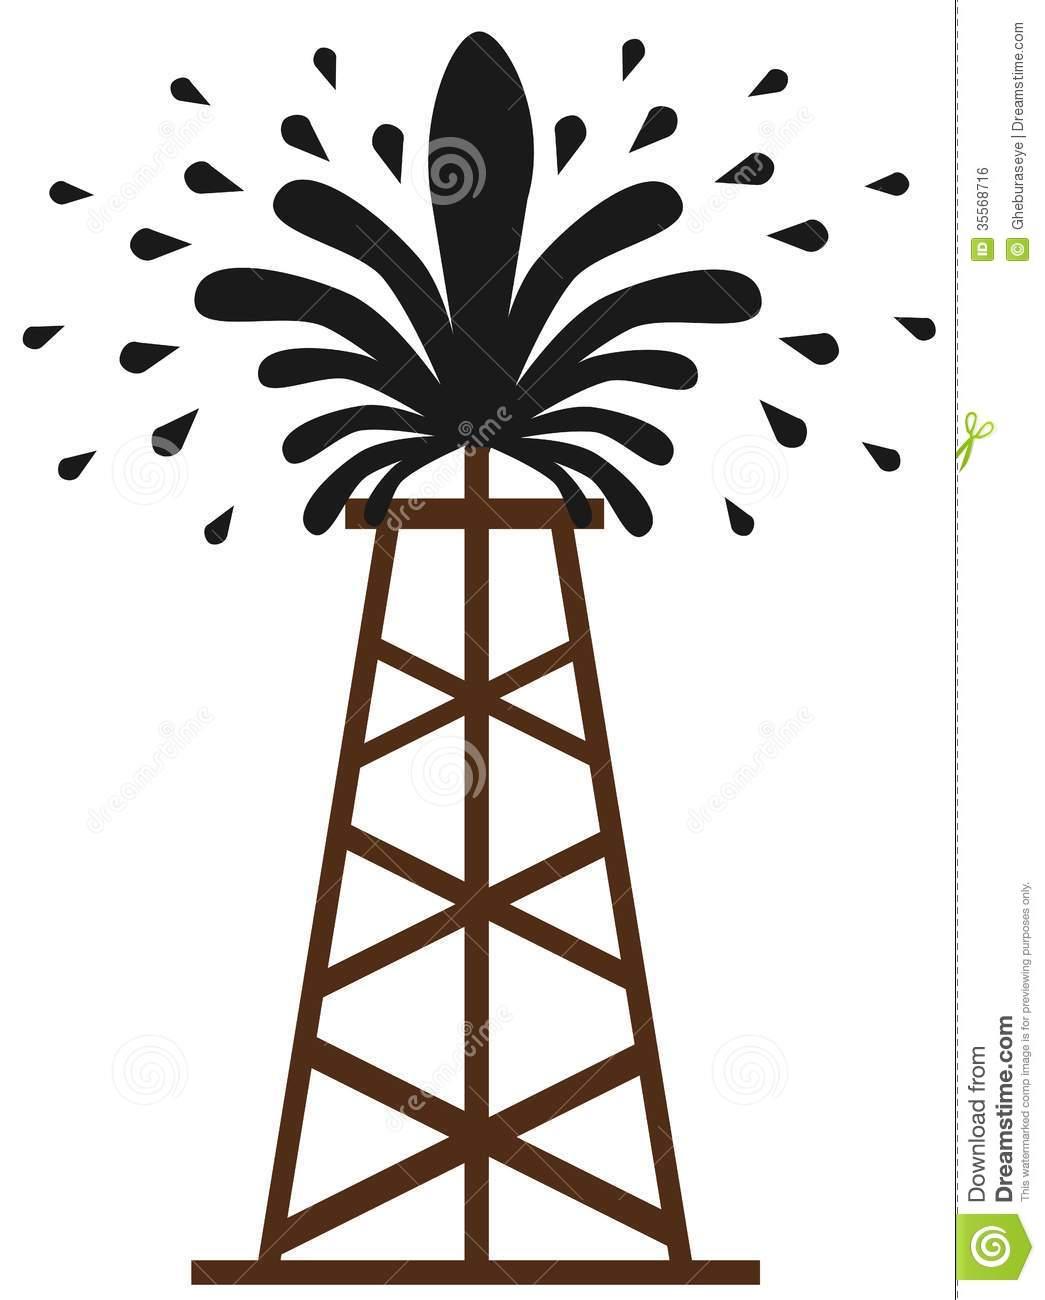 oil-clip-art-stylized-gusher-image-representing-spray-oil-35568716 jpgOil Well Gusher